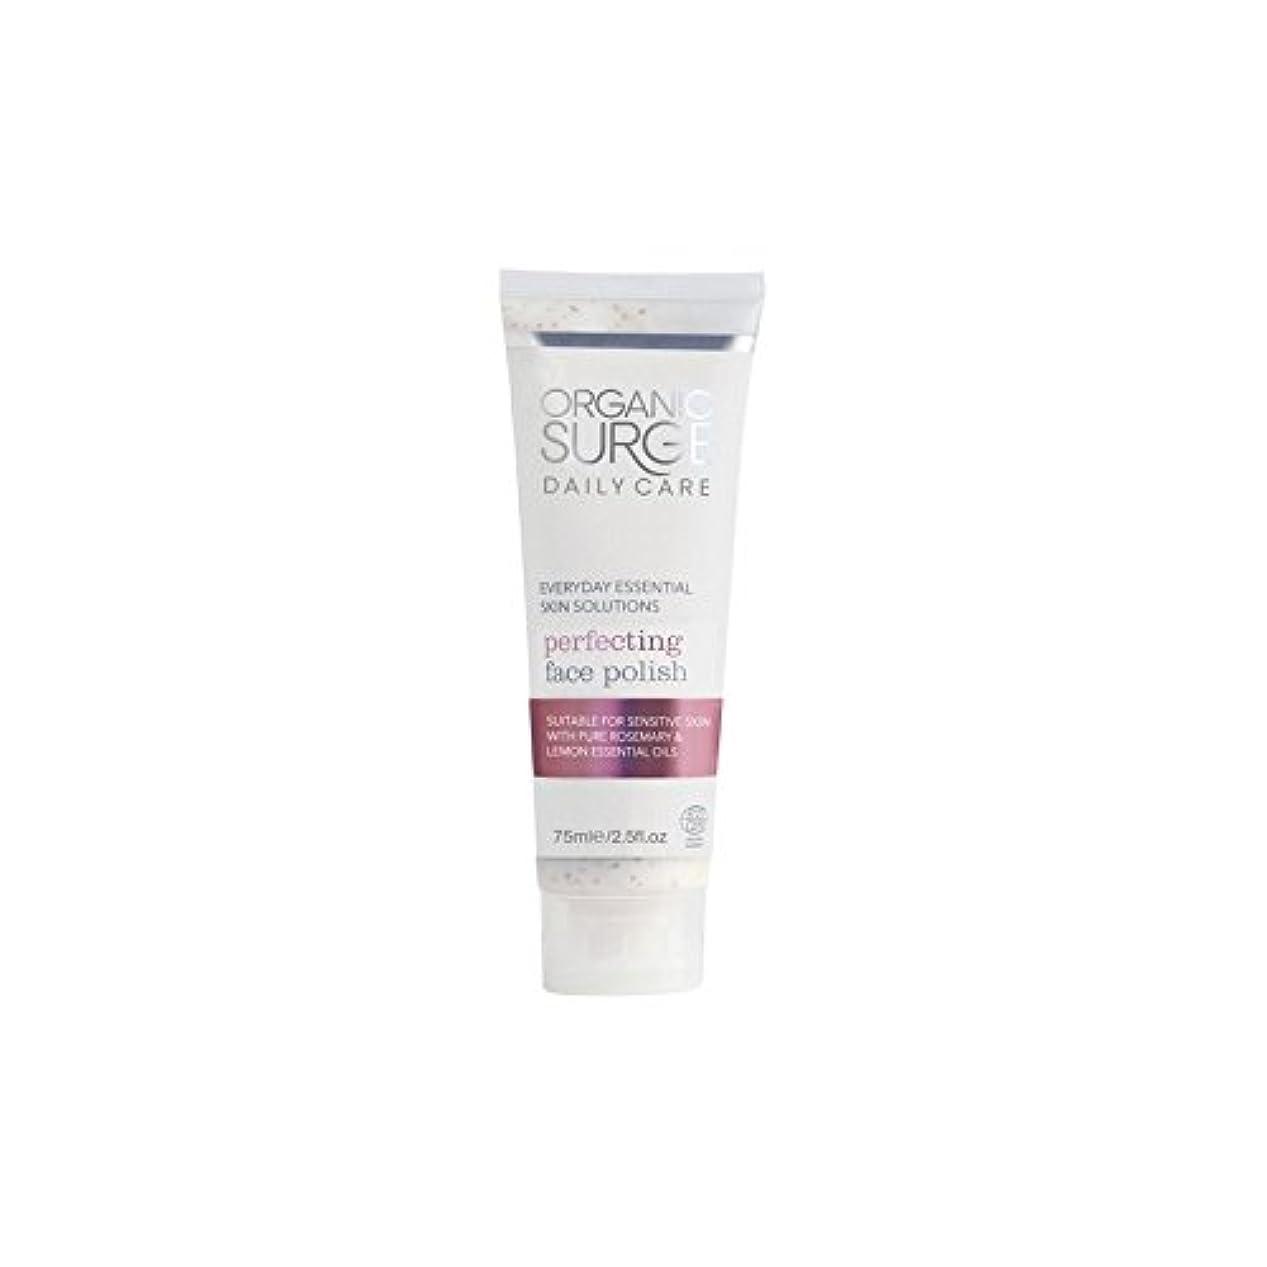 決済いう解く面研磨を完成有機サージ毎日のケア(75ミリリットル) x4 - Organic Surge Daily Care Perfecting Face Polish (75ml) (Pack of 4) [並行輸入品]